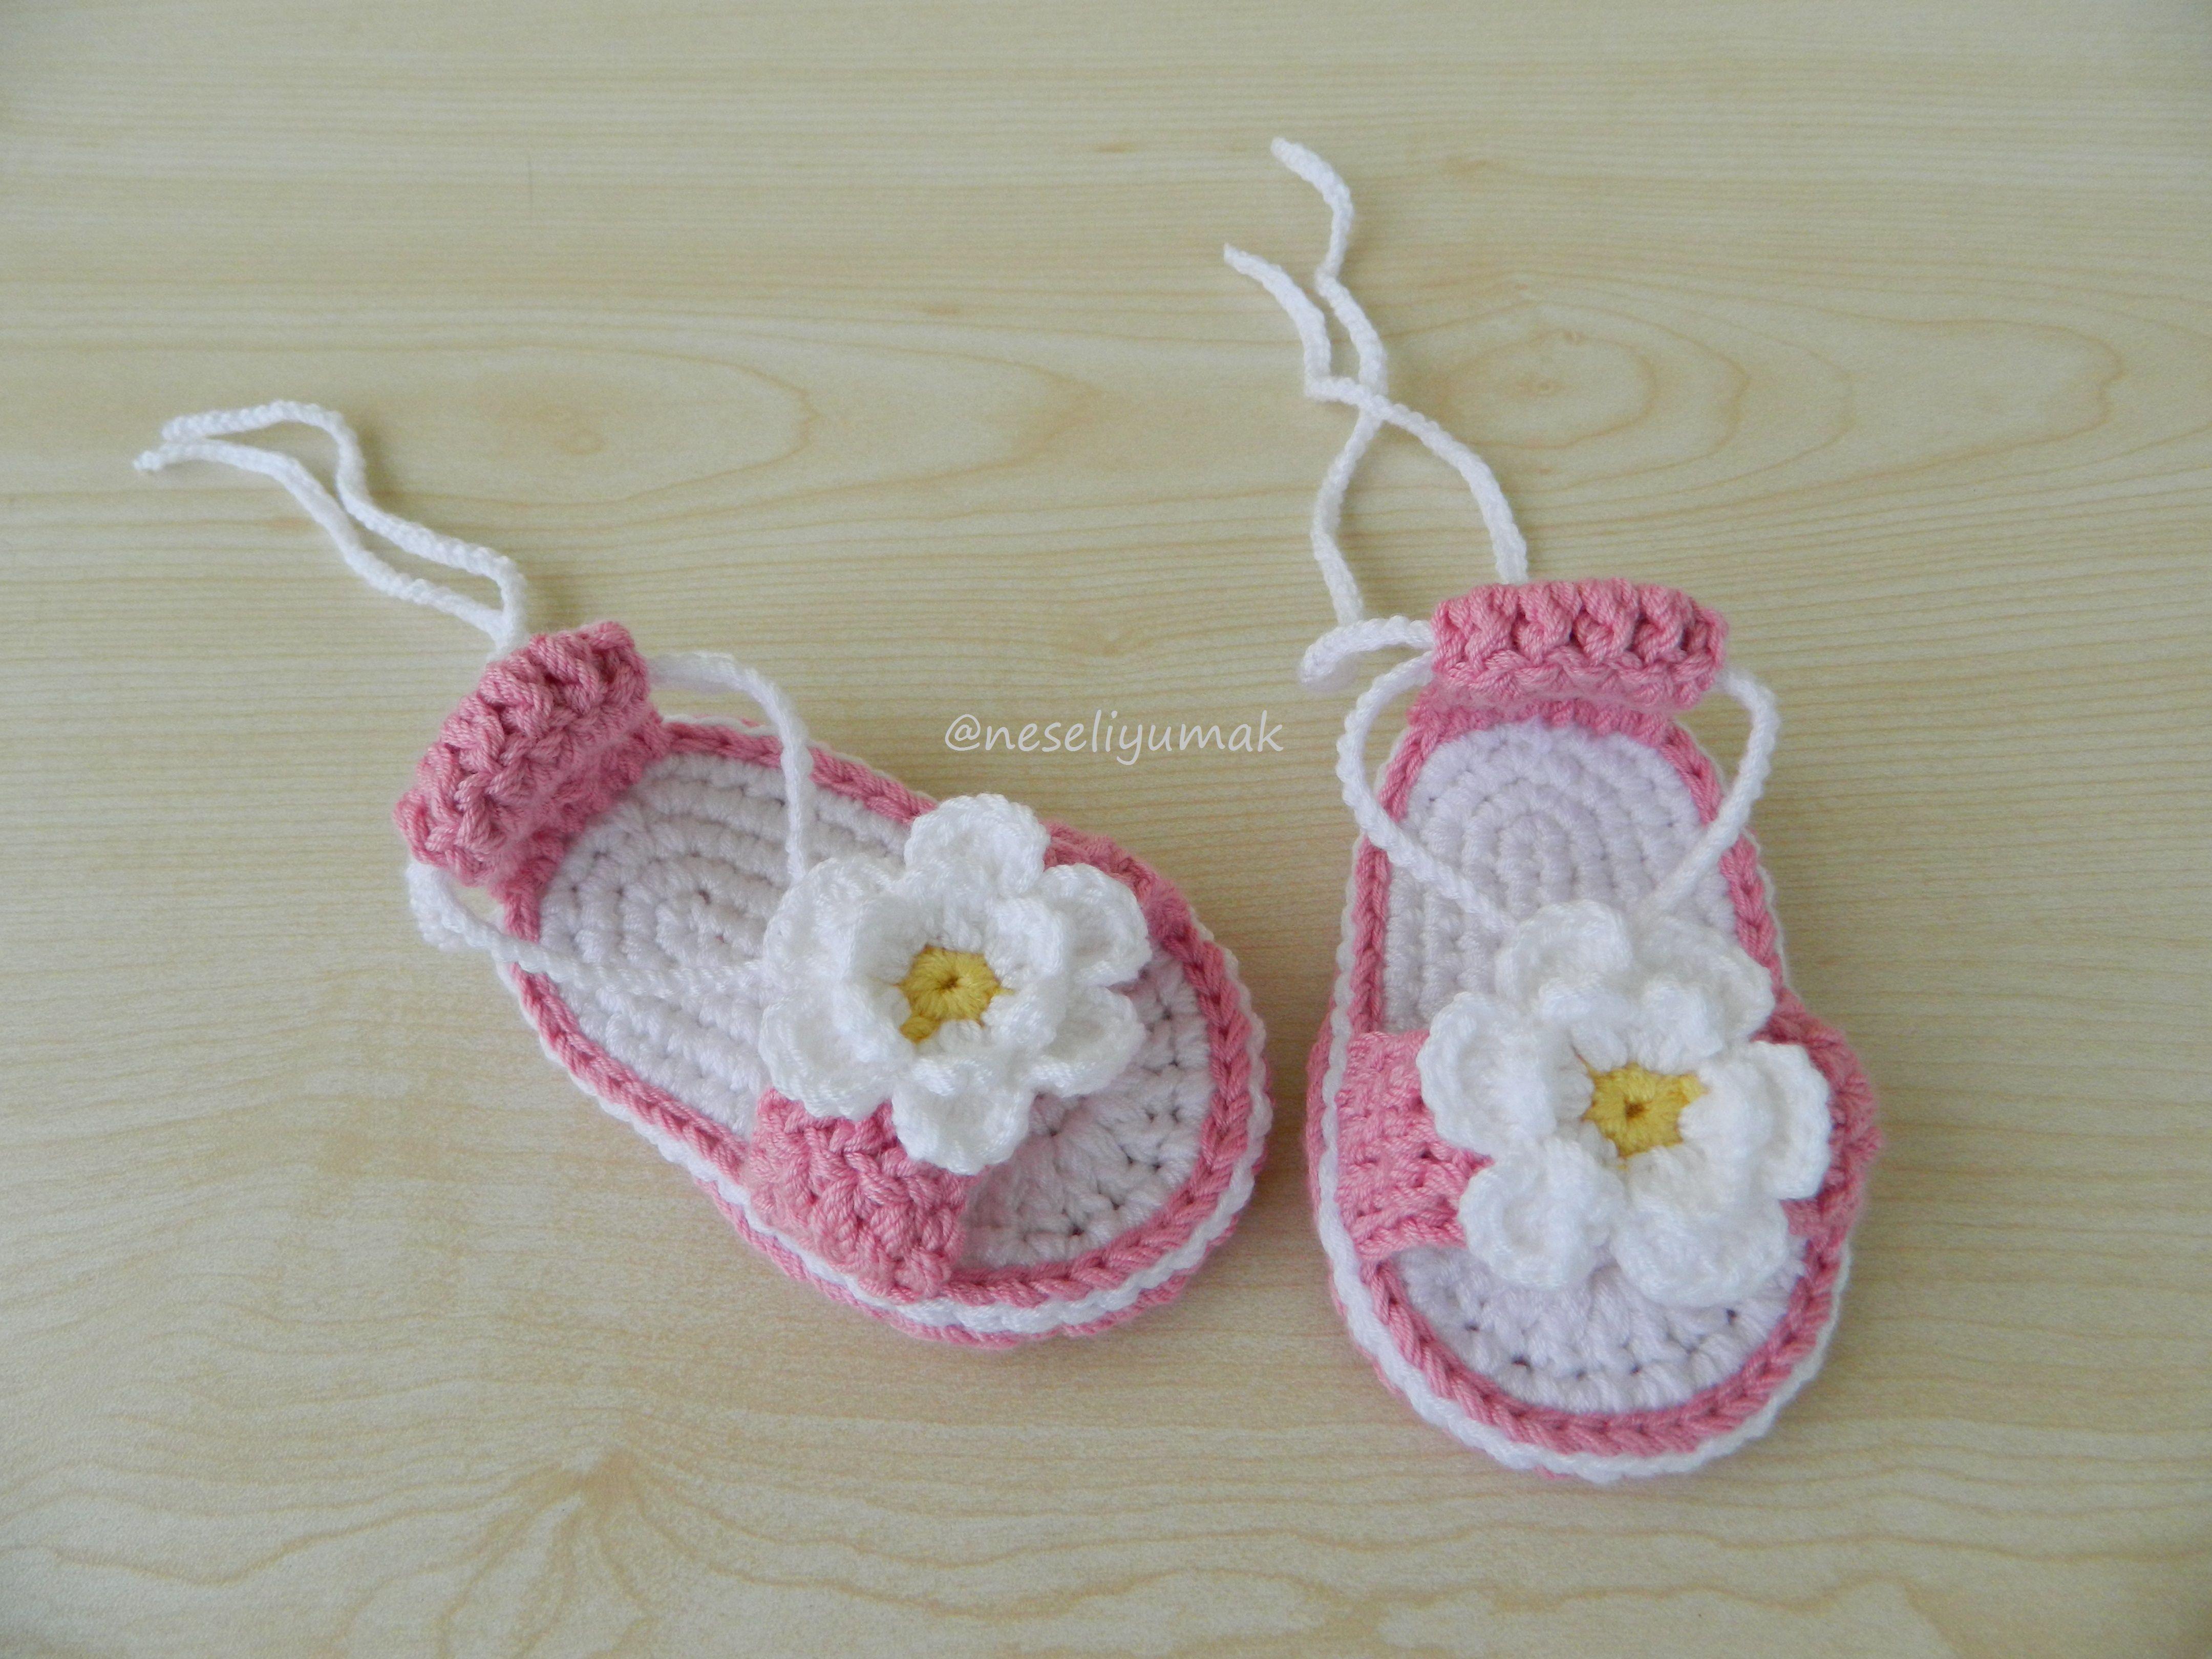 crochet #baby #booties | Crochet | Pinterest